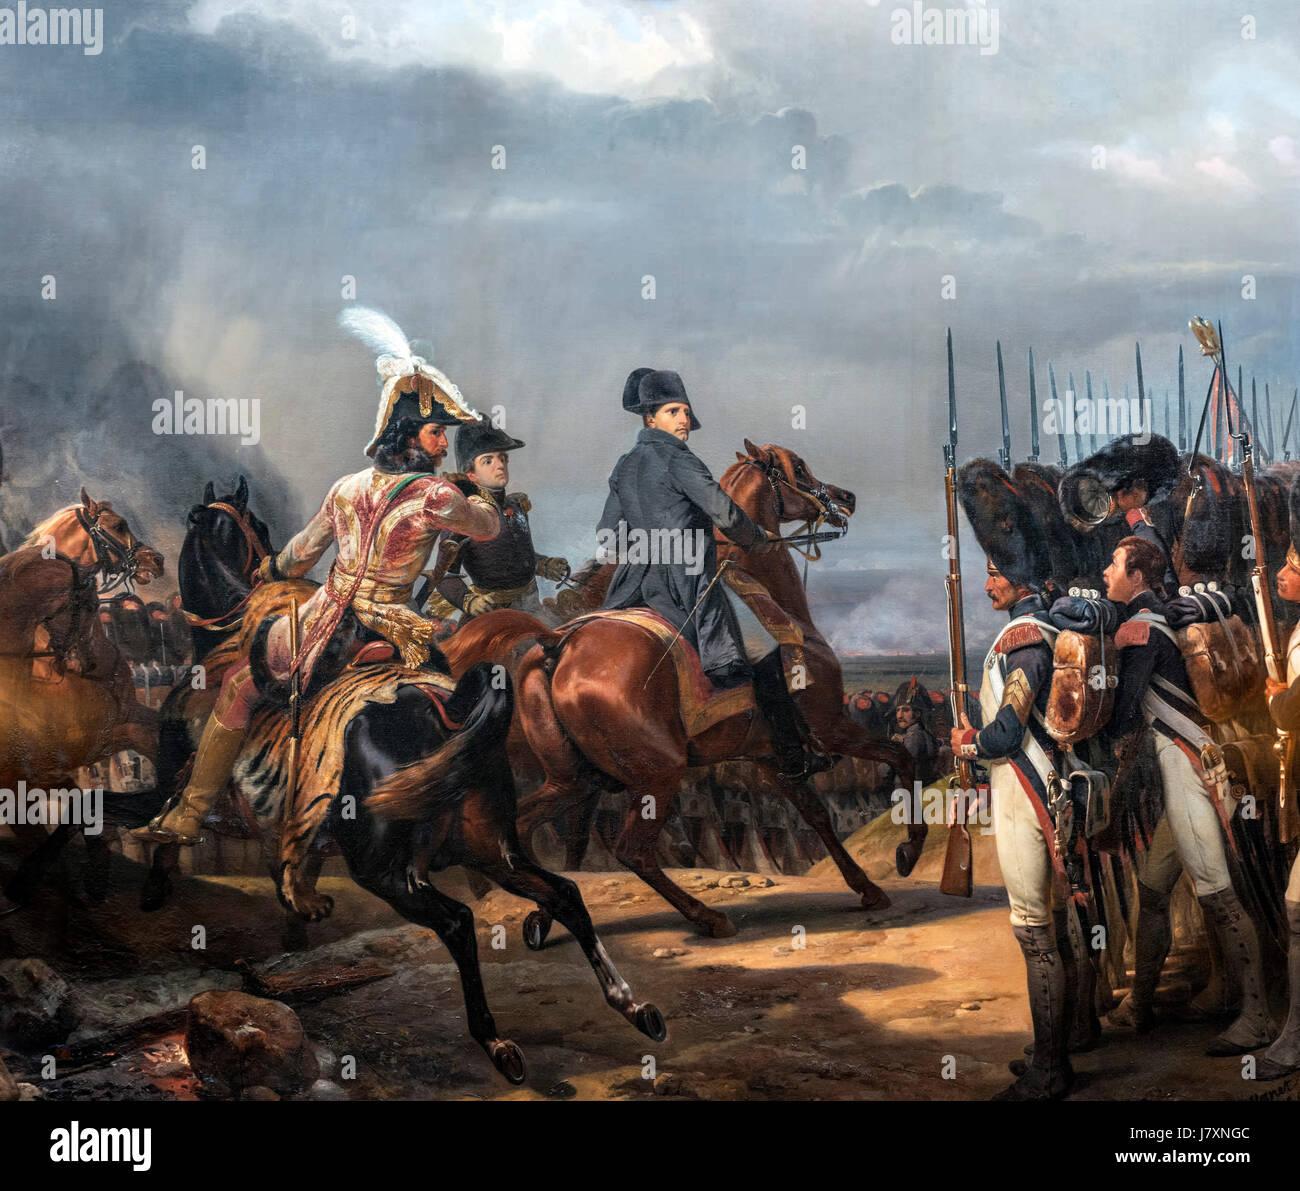 Napoleón Bonaparte revisando la Guardia Imperial en la batalla de Jena-Auerstedt (Bataille d'Iena) el 14 de octubre de 1806 por Horace Vernet, óleo sobre lienzo, 1836. La batalla marcó la derrota de la Cuarta Coalición en tne Guerras Napoleónicas. Foto de stock